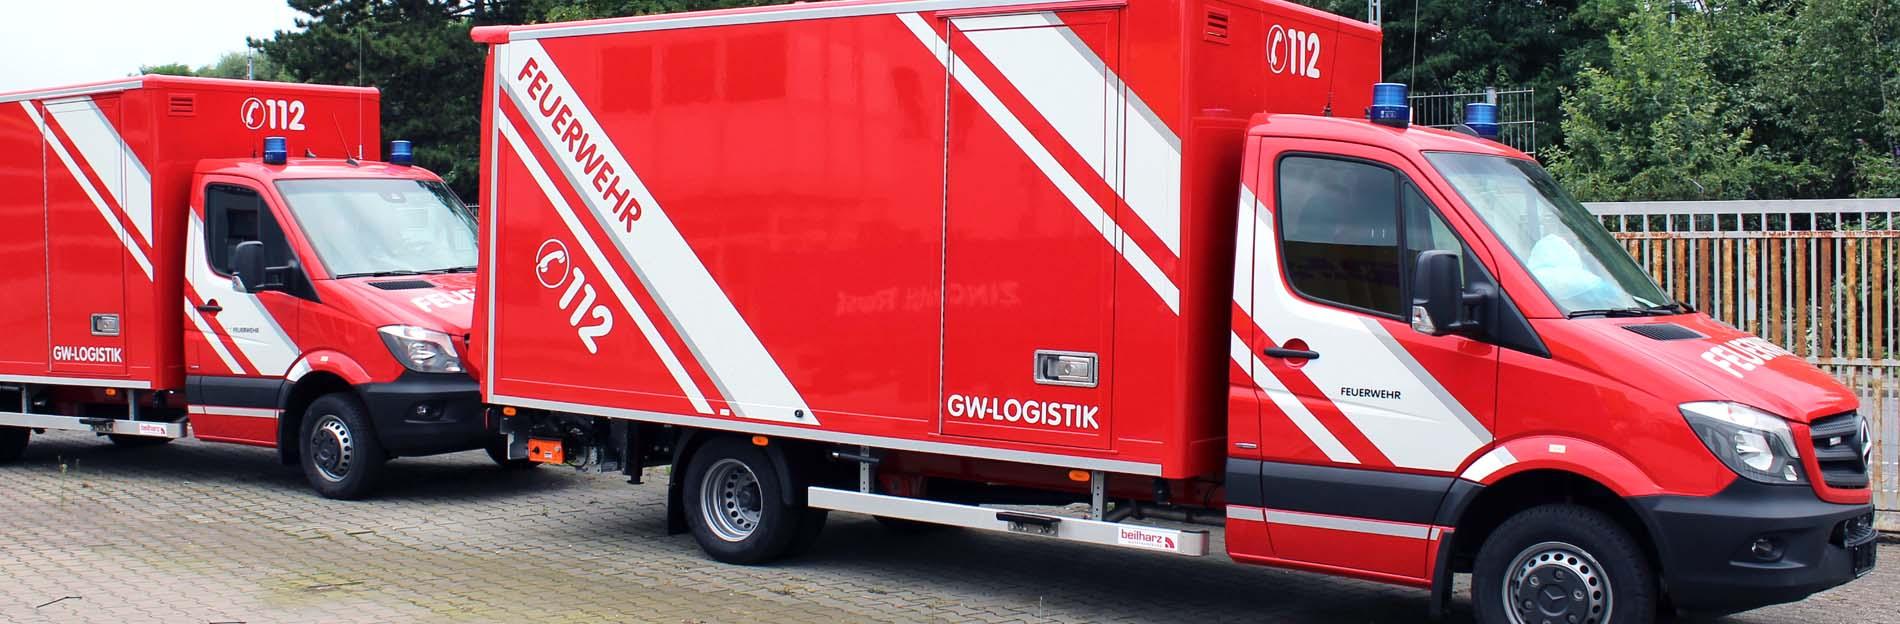 1GW Logistik